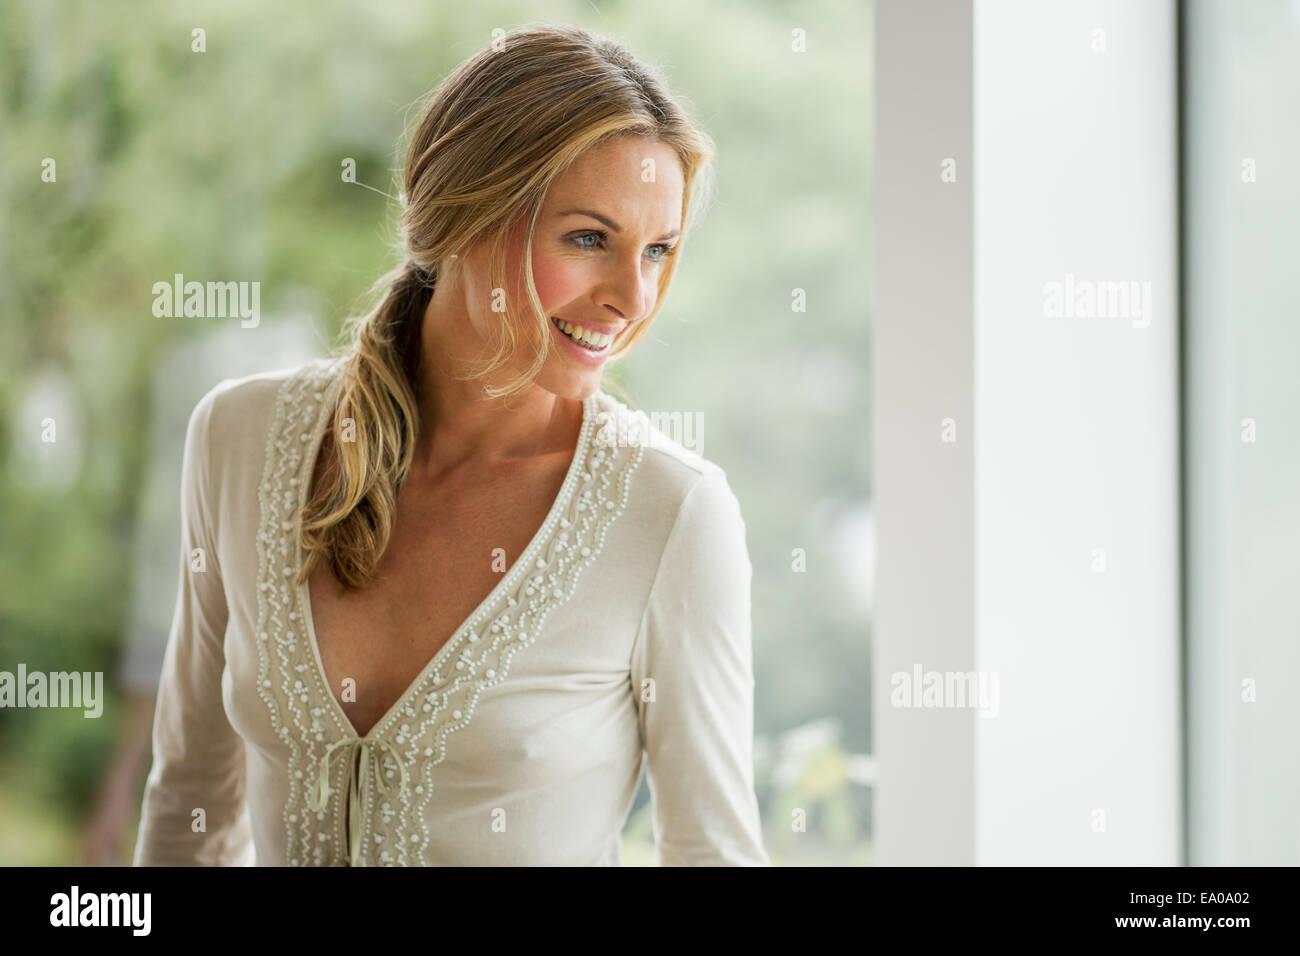 Coppia donna bionda che guarda lontano, ritratto Immagini Stock